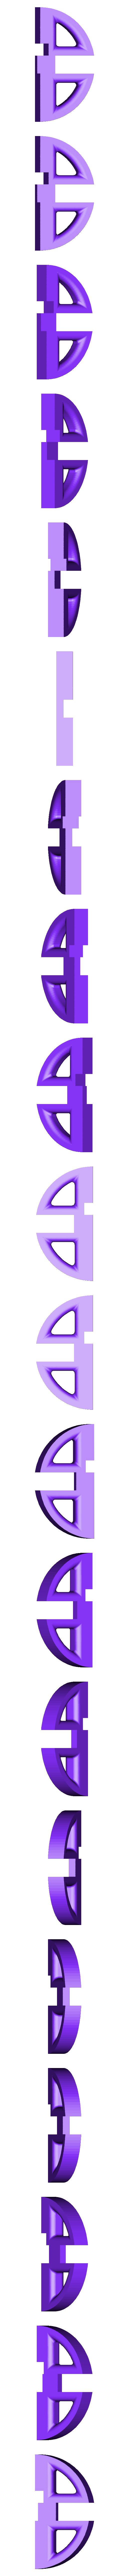 C.stl Télécharger fichier STL gratuit Puzzle Saturnus • Objet à imprimer en 3D, mtairymd